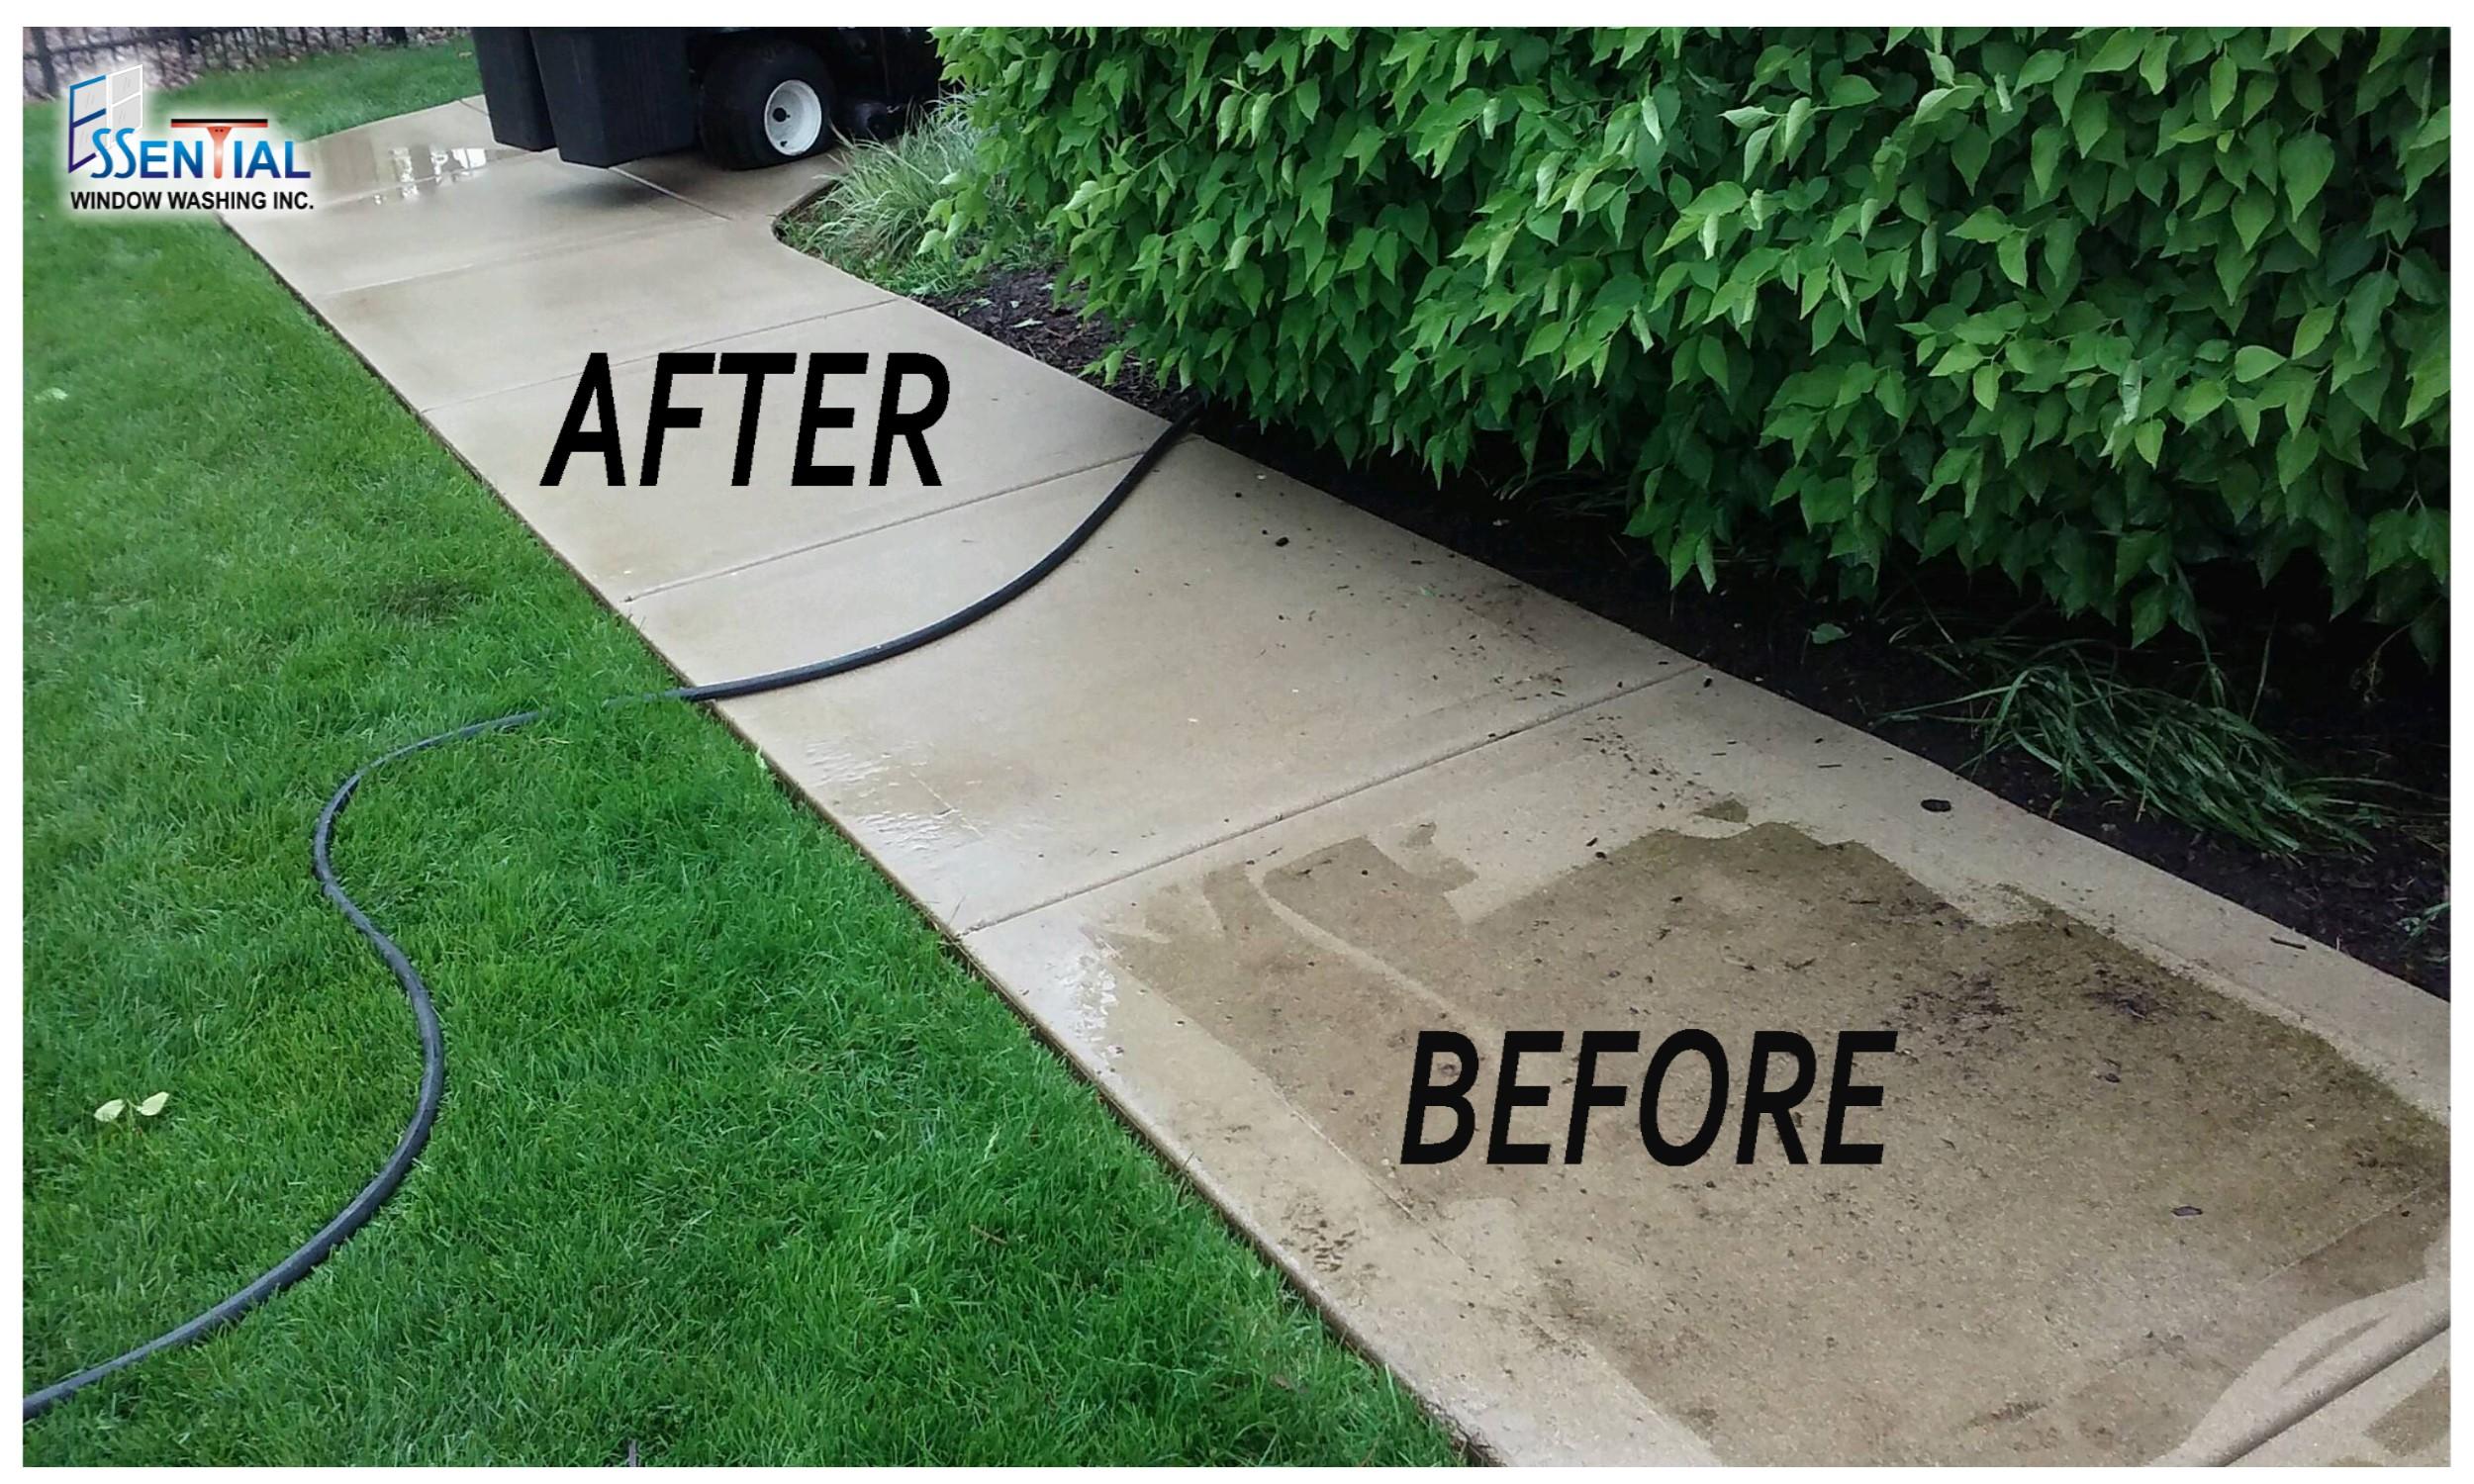 sidewalks-essential-window-washing